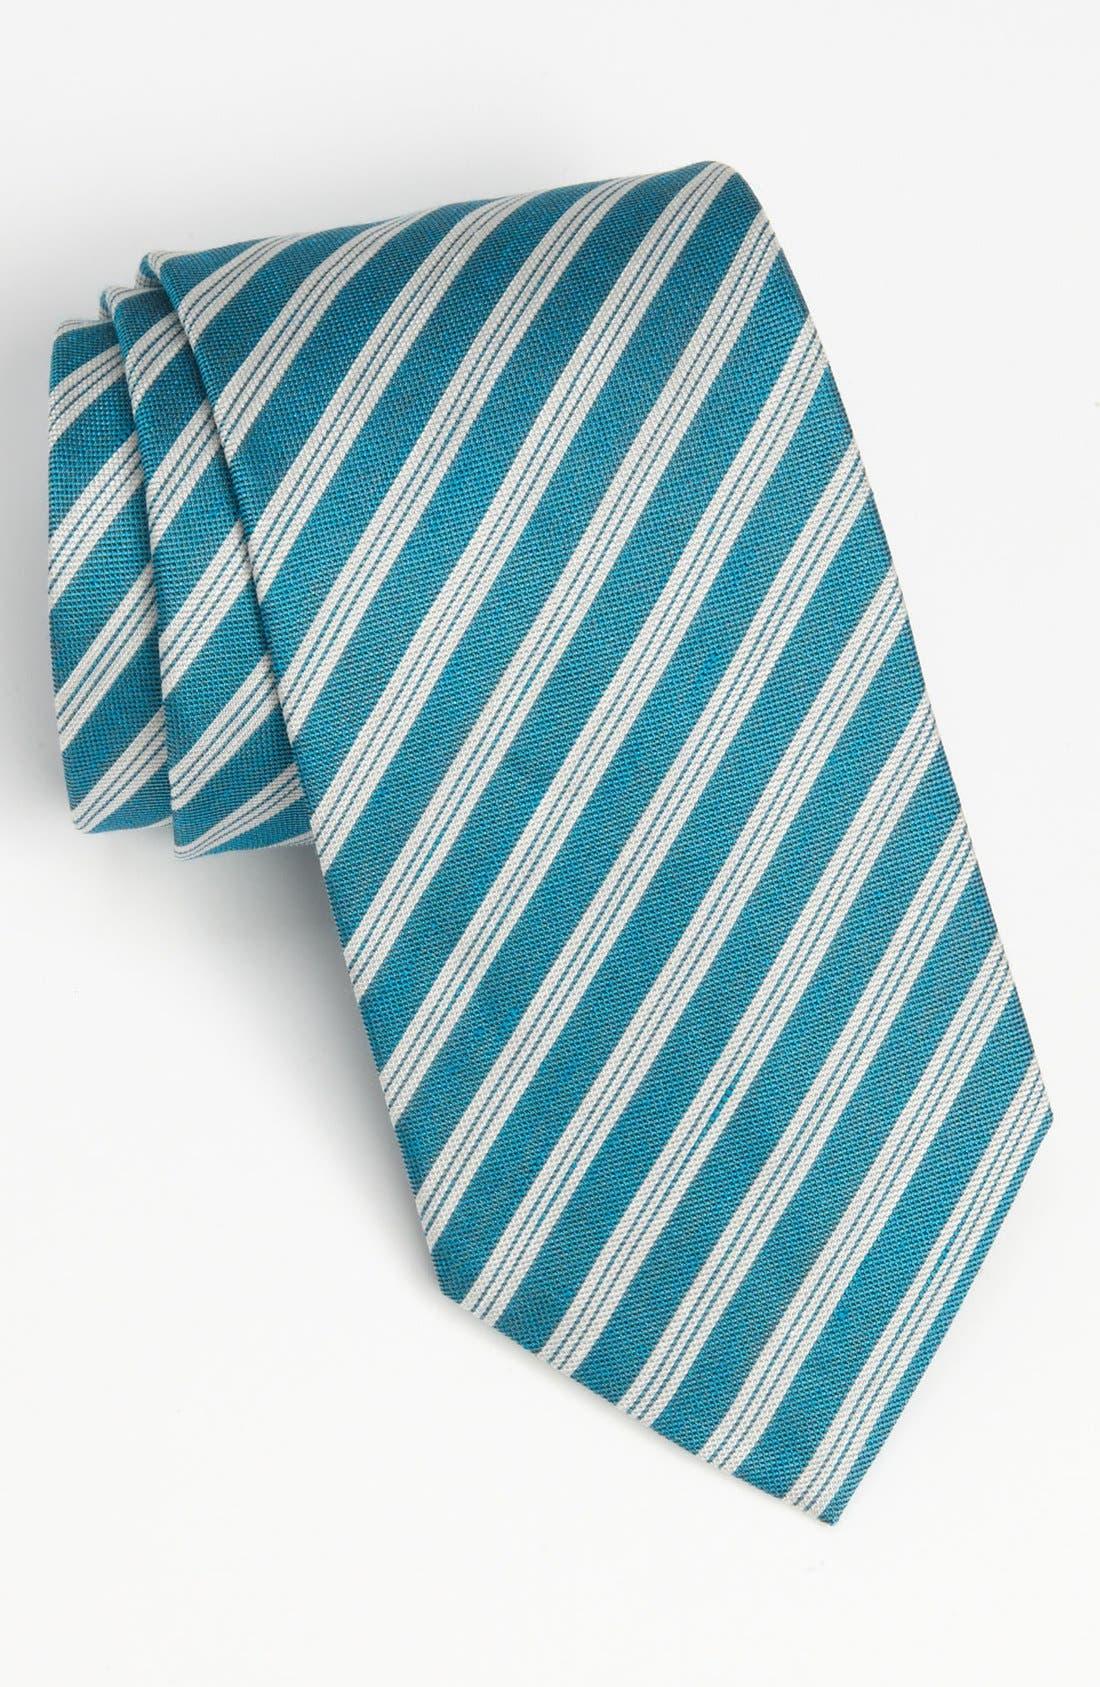 Alternate Image 1 Selected - Armani Collezioni Woven Tie